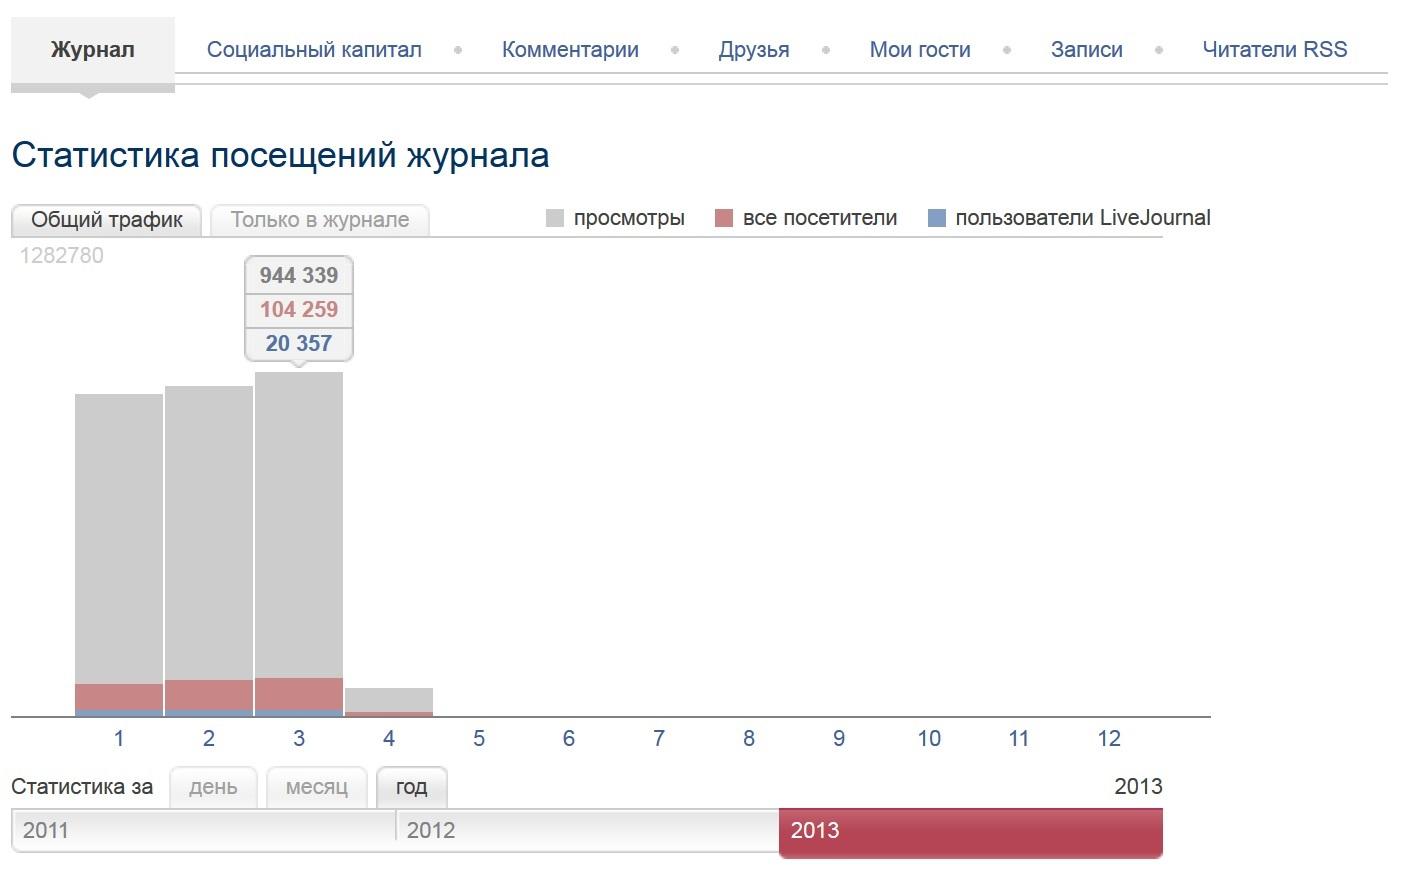 Моя статистика ЖЖ за первых 3 месяца 2013 год